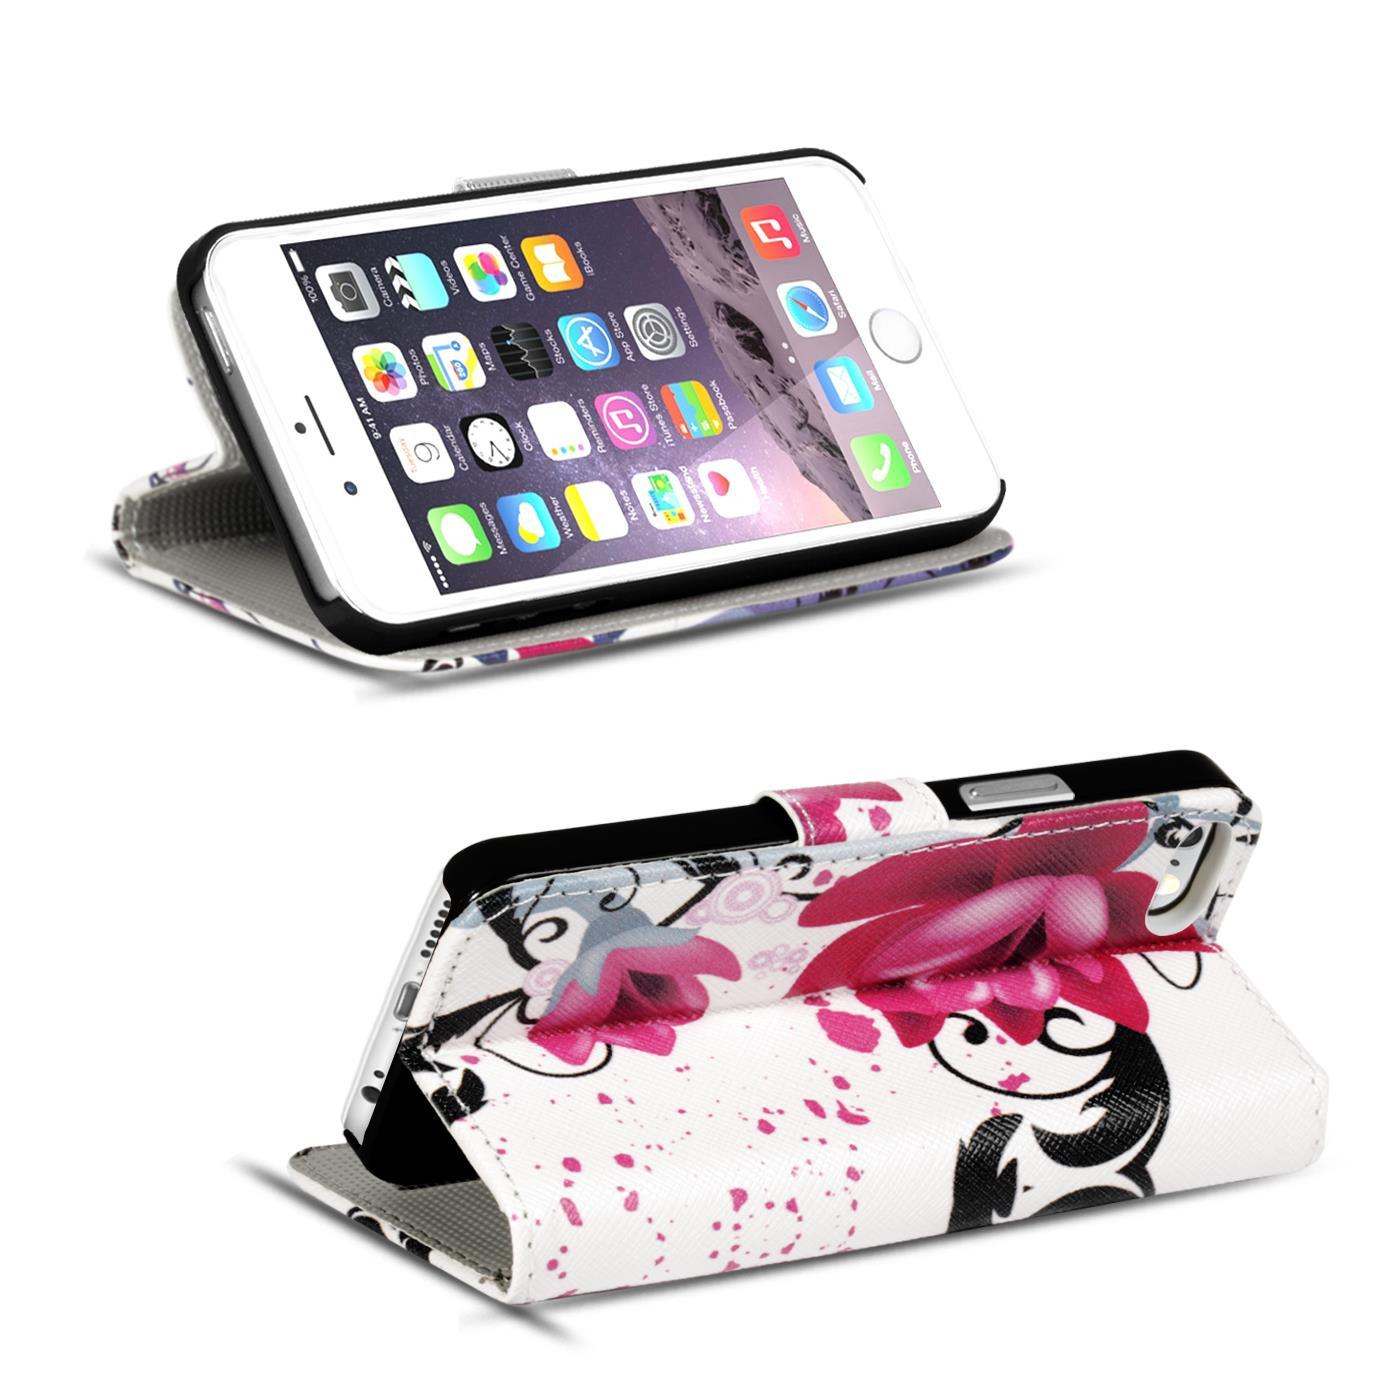 Handy-Huelle-Apple-iPhone-8-Plus-Flip-Cover-Case-Schutz-Tasche-Etui-Motiv-Wallet Indexbild 21